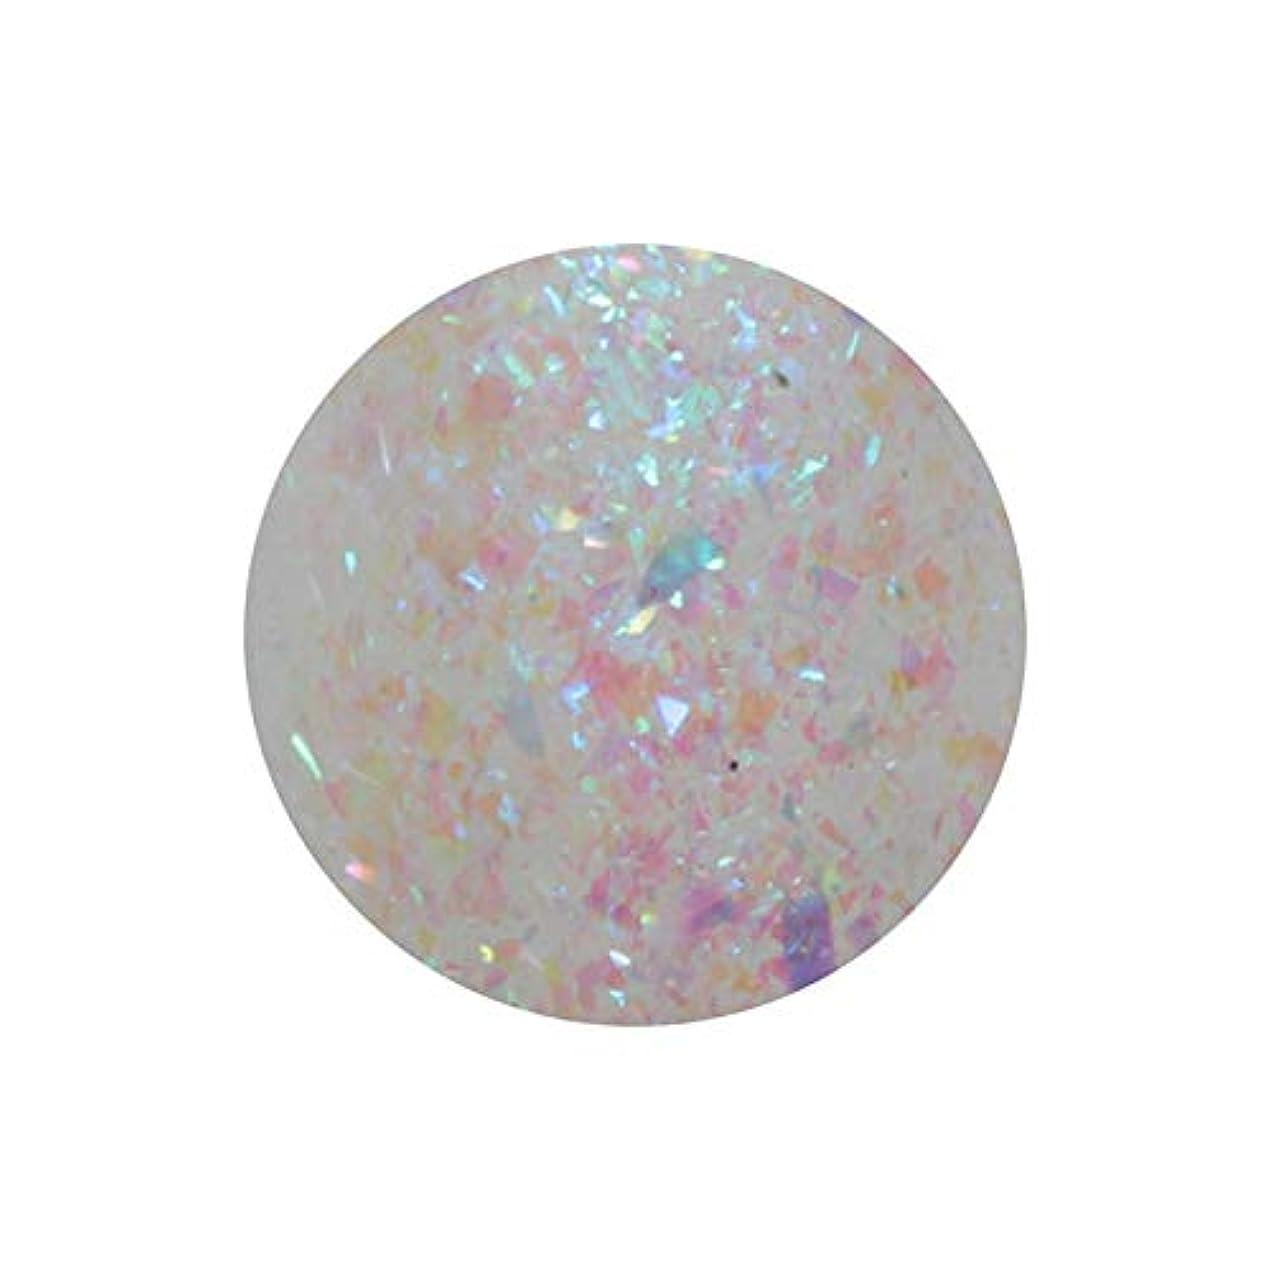 非アクティブ憂慮すべき放射する【NEW】T-GEL COLLECTION TINY T004 ホログラフィーブルーグリーン 8ml